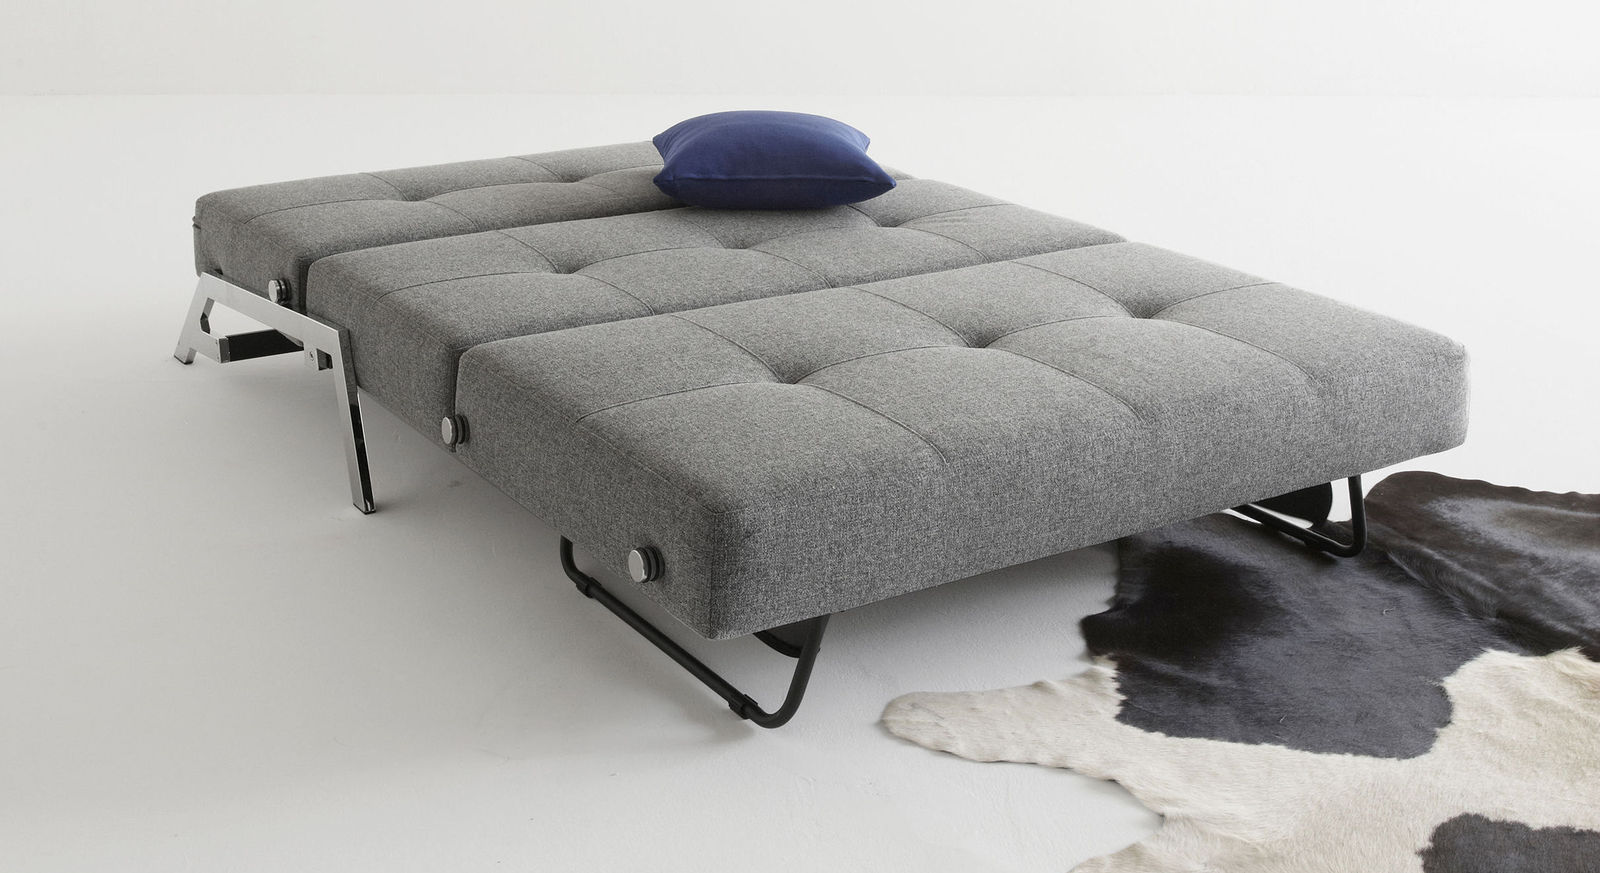 Schlafsofa Dowing mit ausgeklappter Liegefläche in 140x200cm